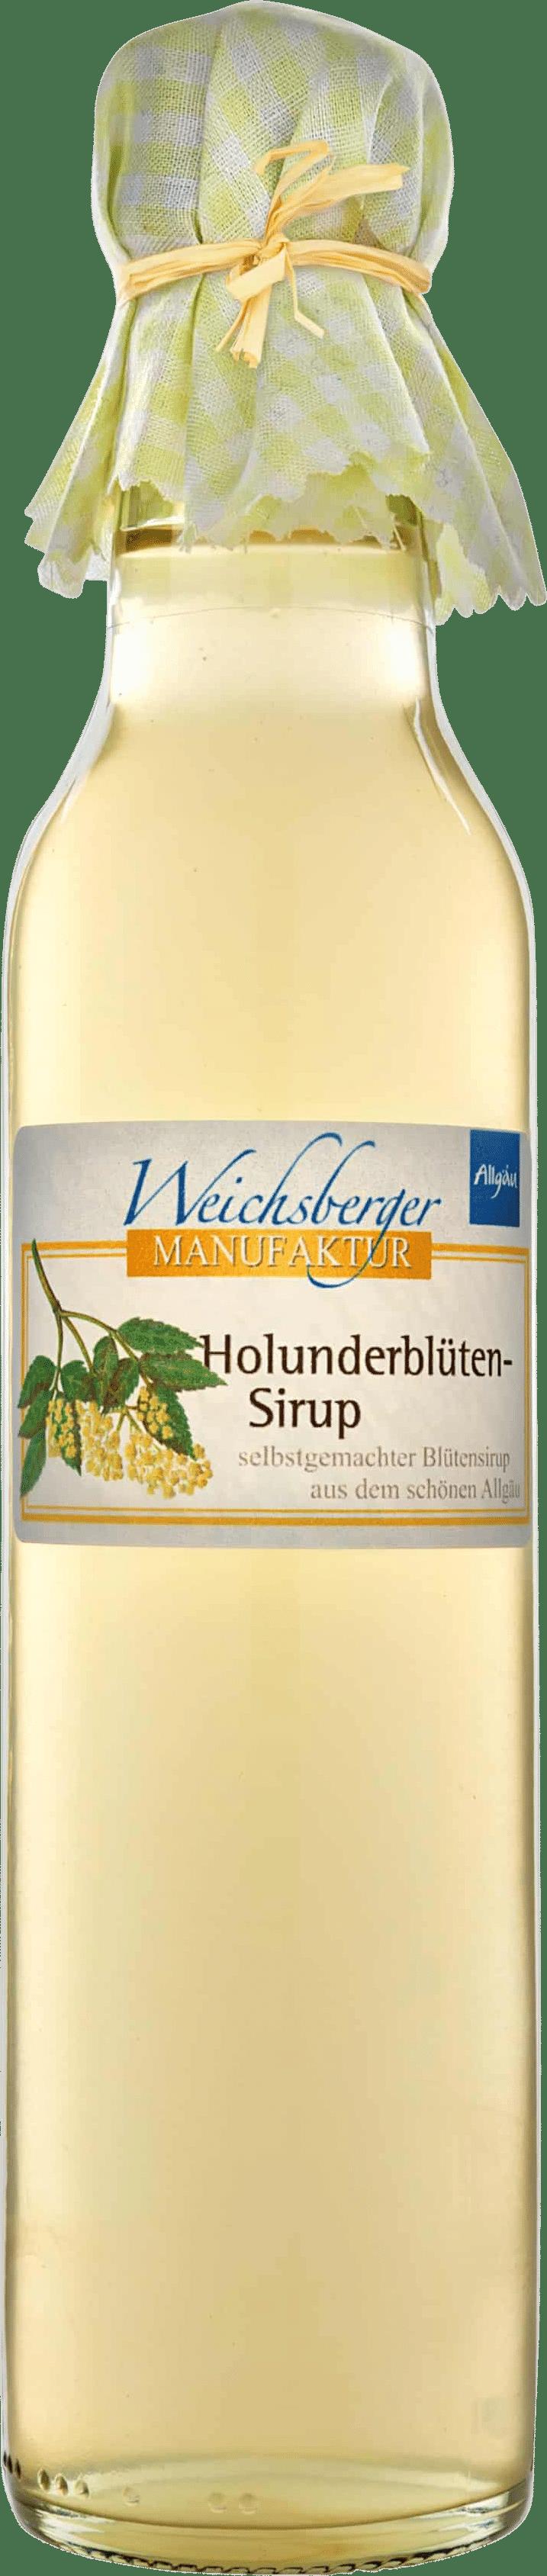 Holunderblüten-Sirup von Weichsberger Manufaktur